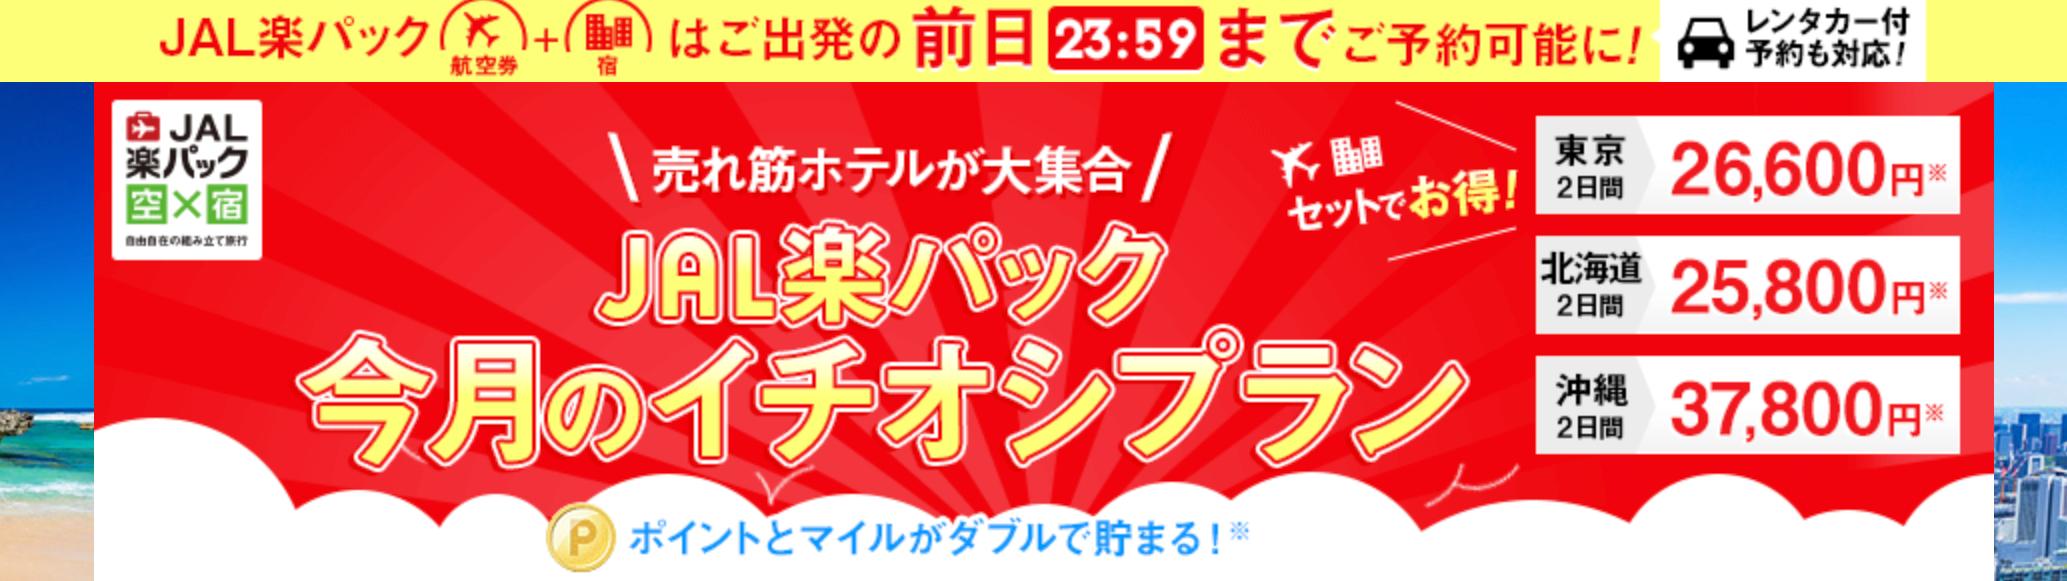 毎月更新!JAL楽パック予約 航空券付きプラン特集